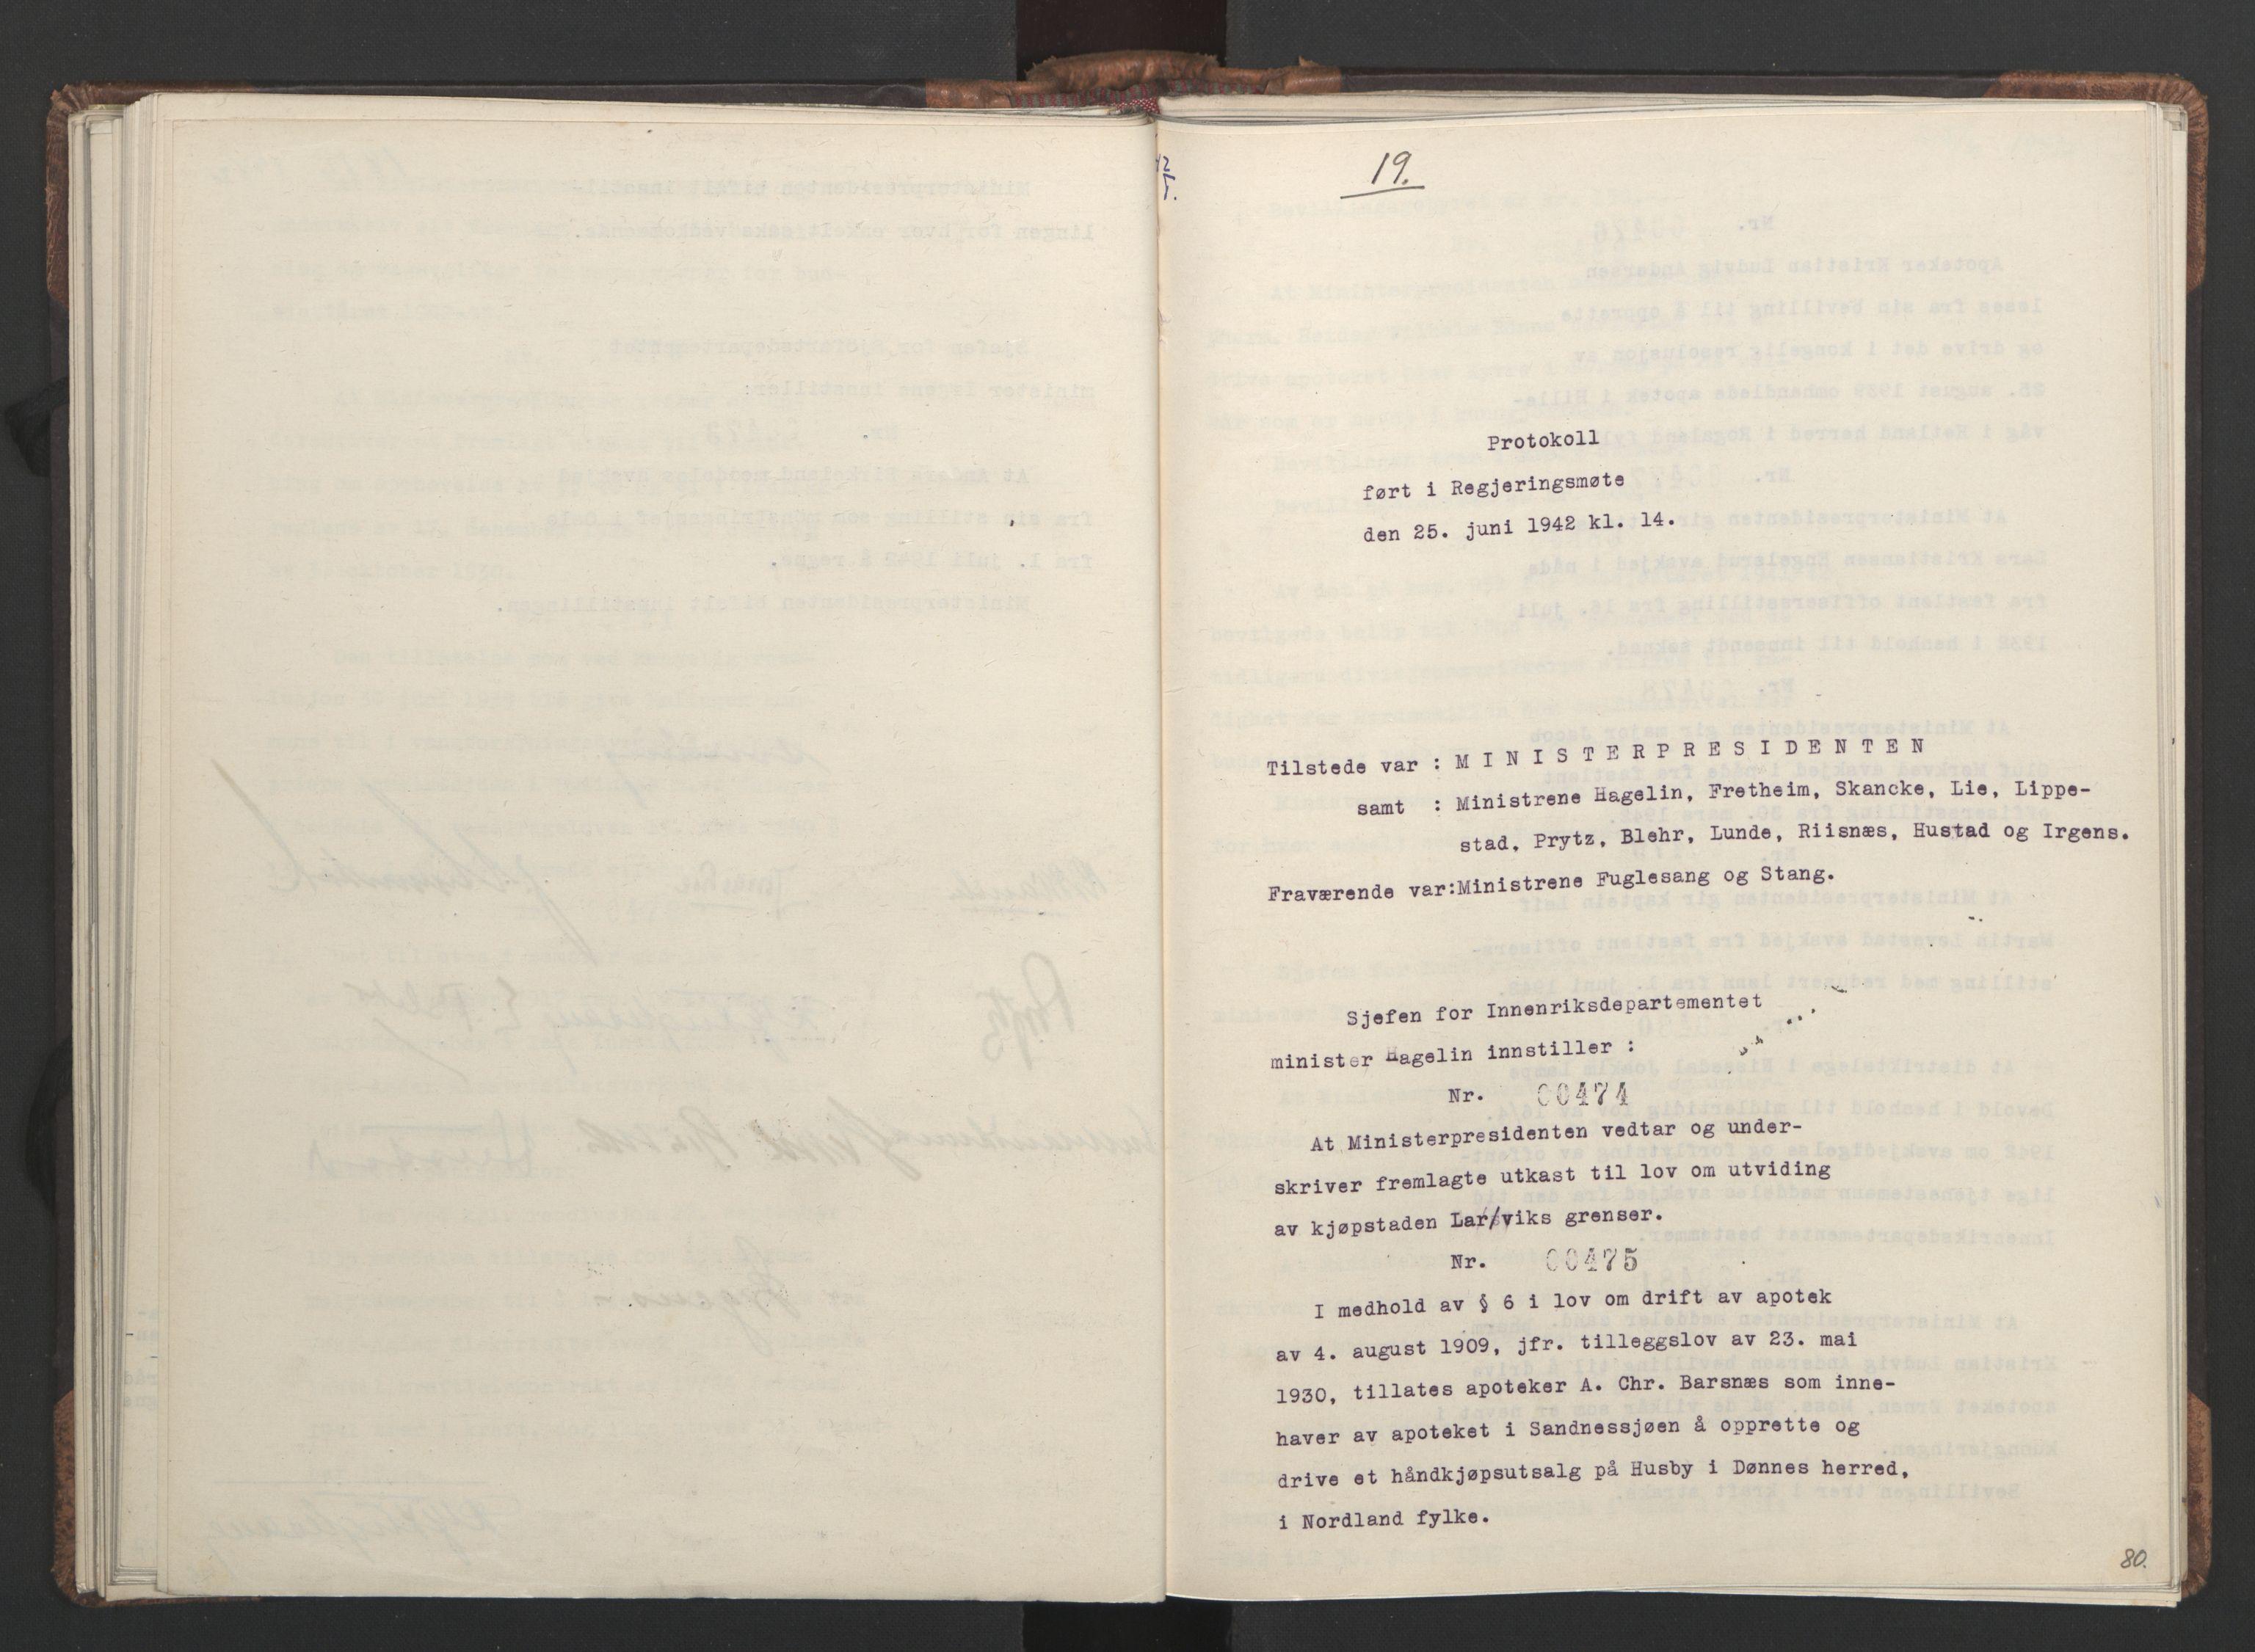 RA, NS-administrasjonen 1940-1945 (Statsrådsekretariatet, de kommisariske statsråder mm), D/Da/L0001: Beslutninger og tillegg (1-952 og 1-32), 1942, s. 79b-80a